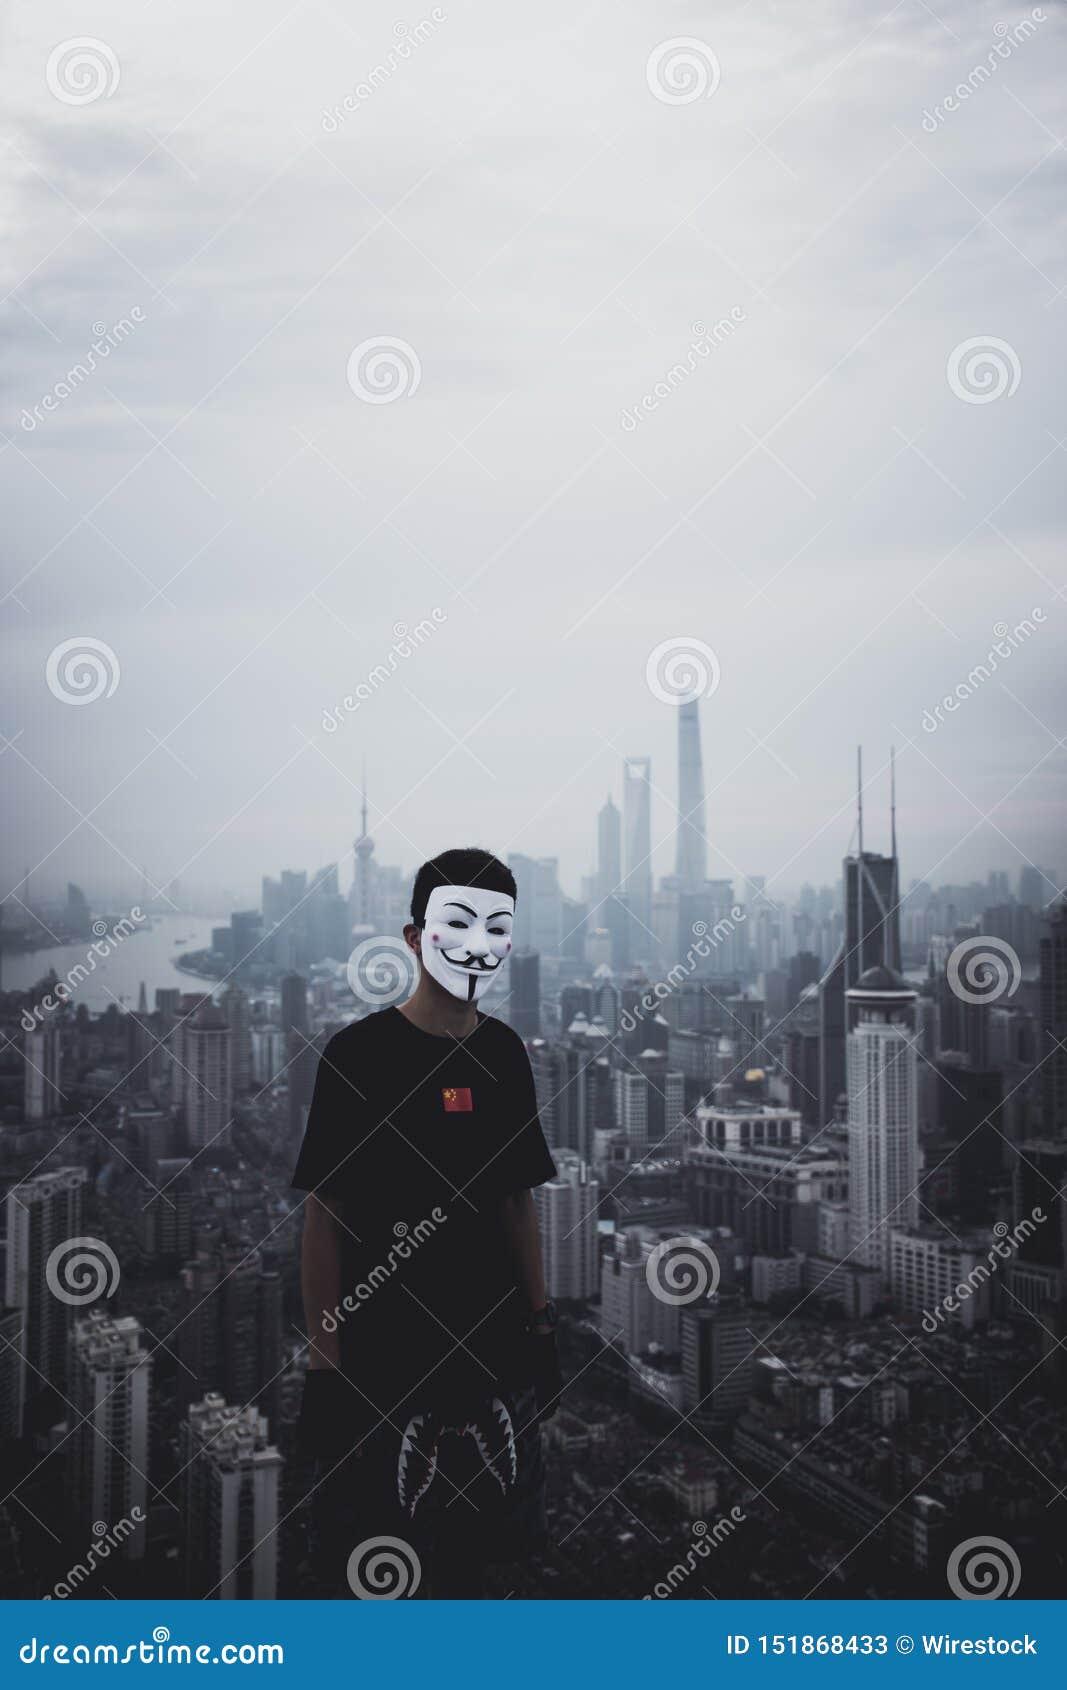 Mâle portant un masque anonyme se tenant sur un toit avec une ville urbaine étonnante dans le dos